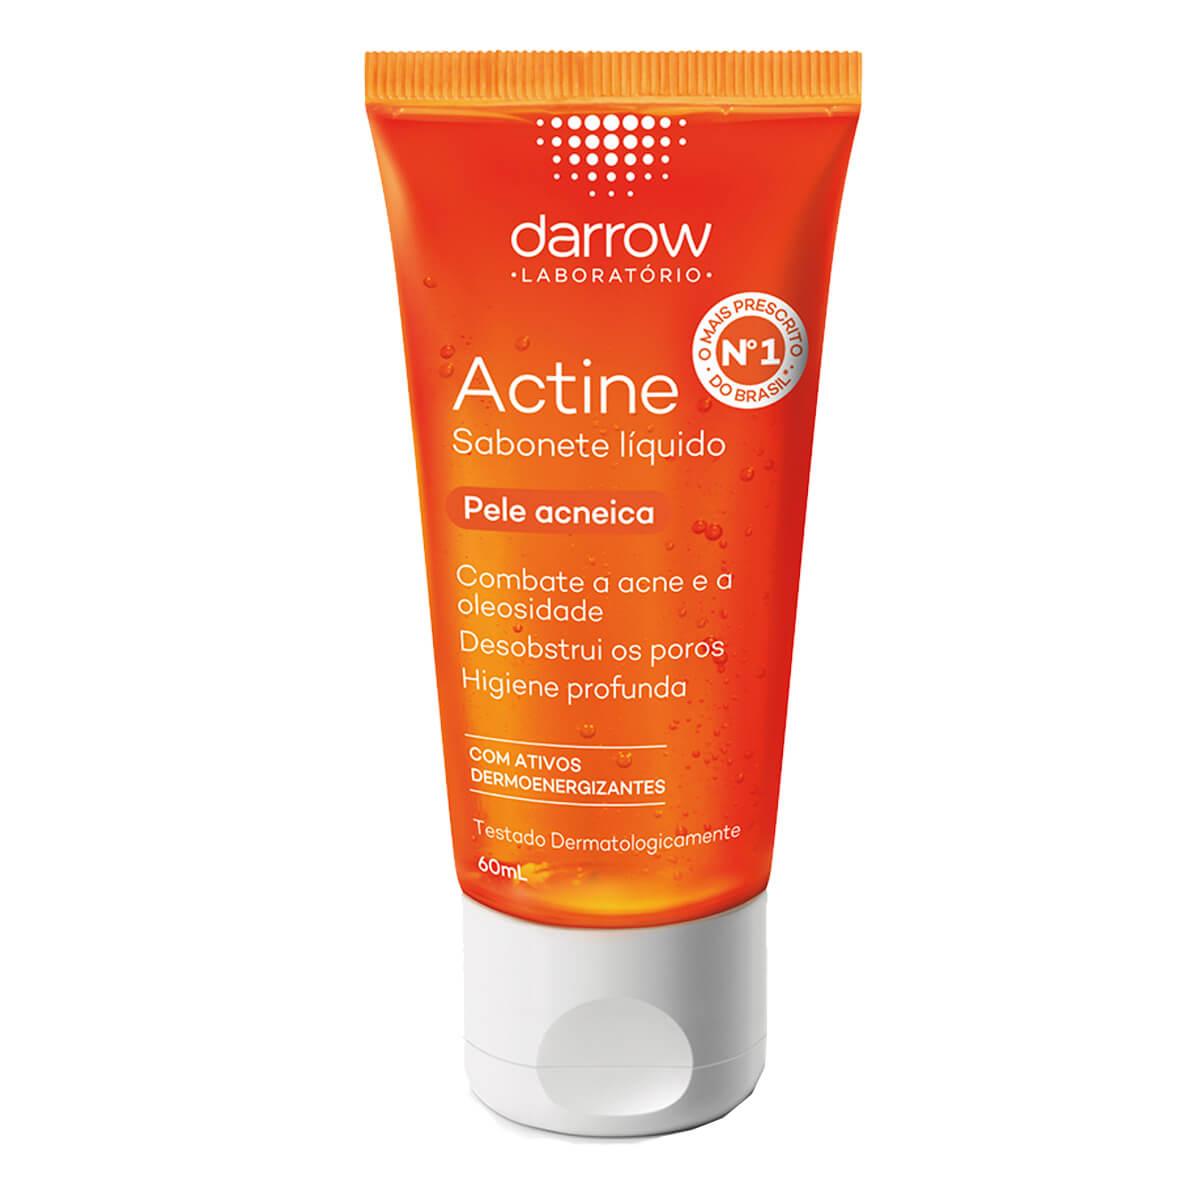 Sabonete Líquido Facial Darrow Actine Pele Acneica com 60ml 60ml